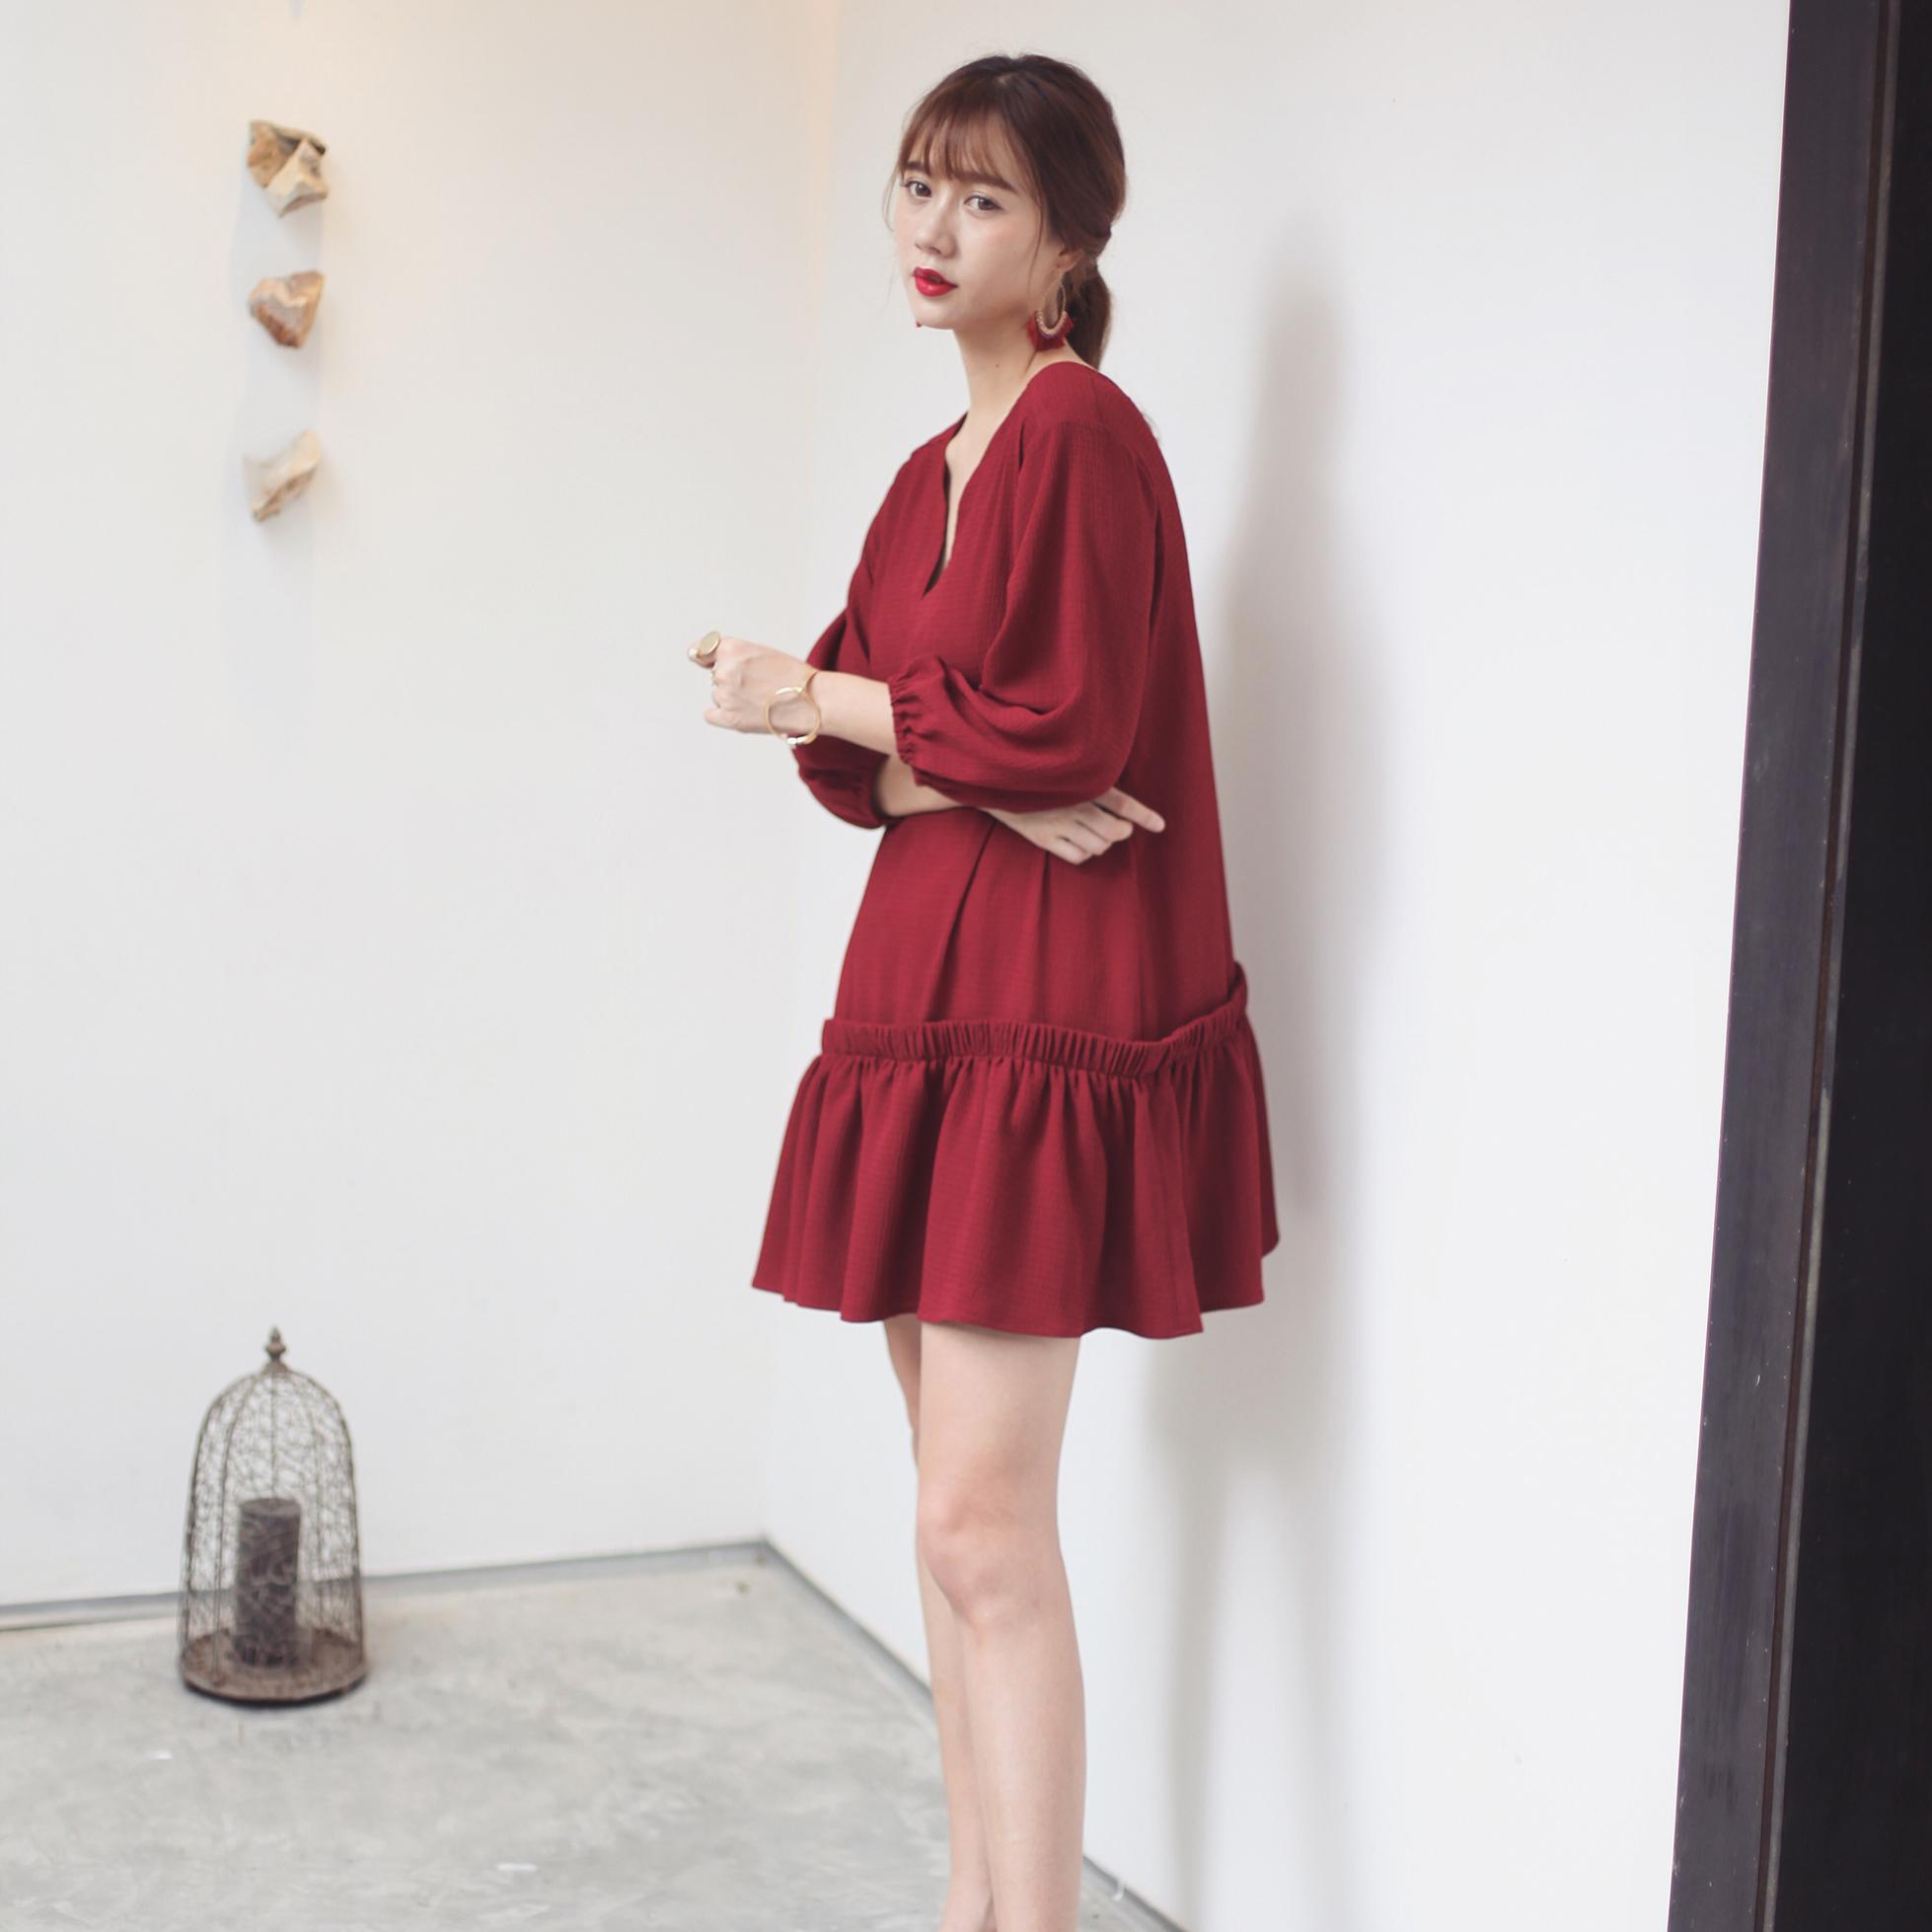 八分袖连衣裙 SCOUT原创设计  酒红色波西米亚娃娃裙八分袖褶皱时尚V领连衣裙春_推荐淘宝好看的八分袖连衣裙